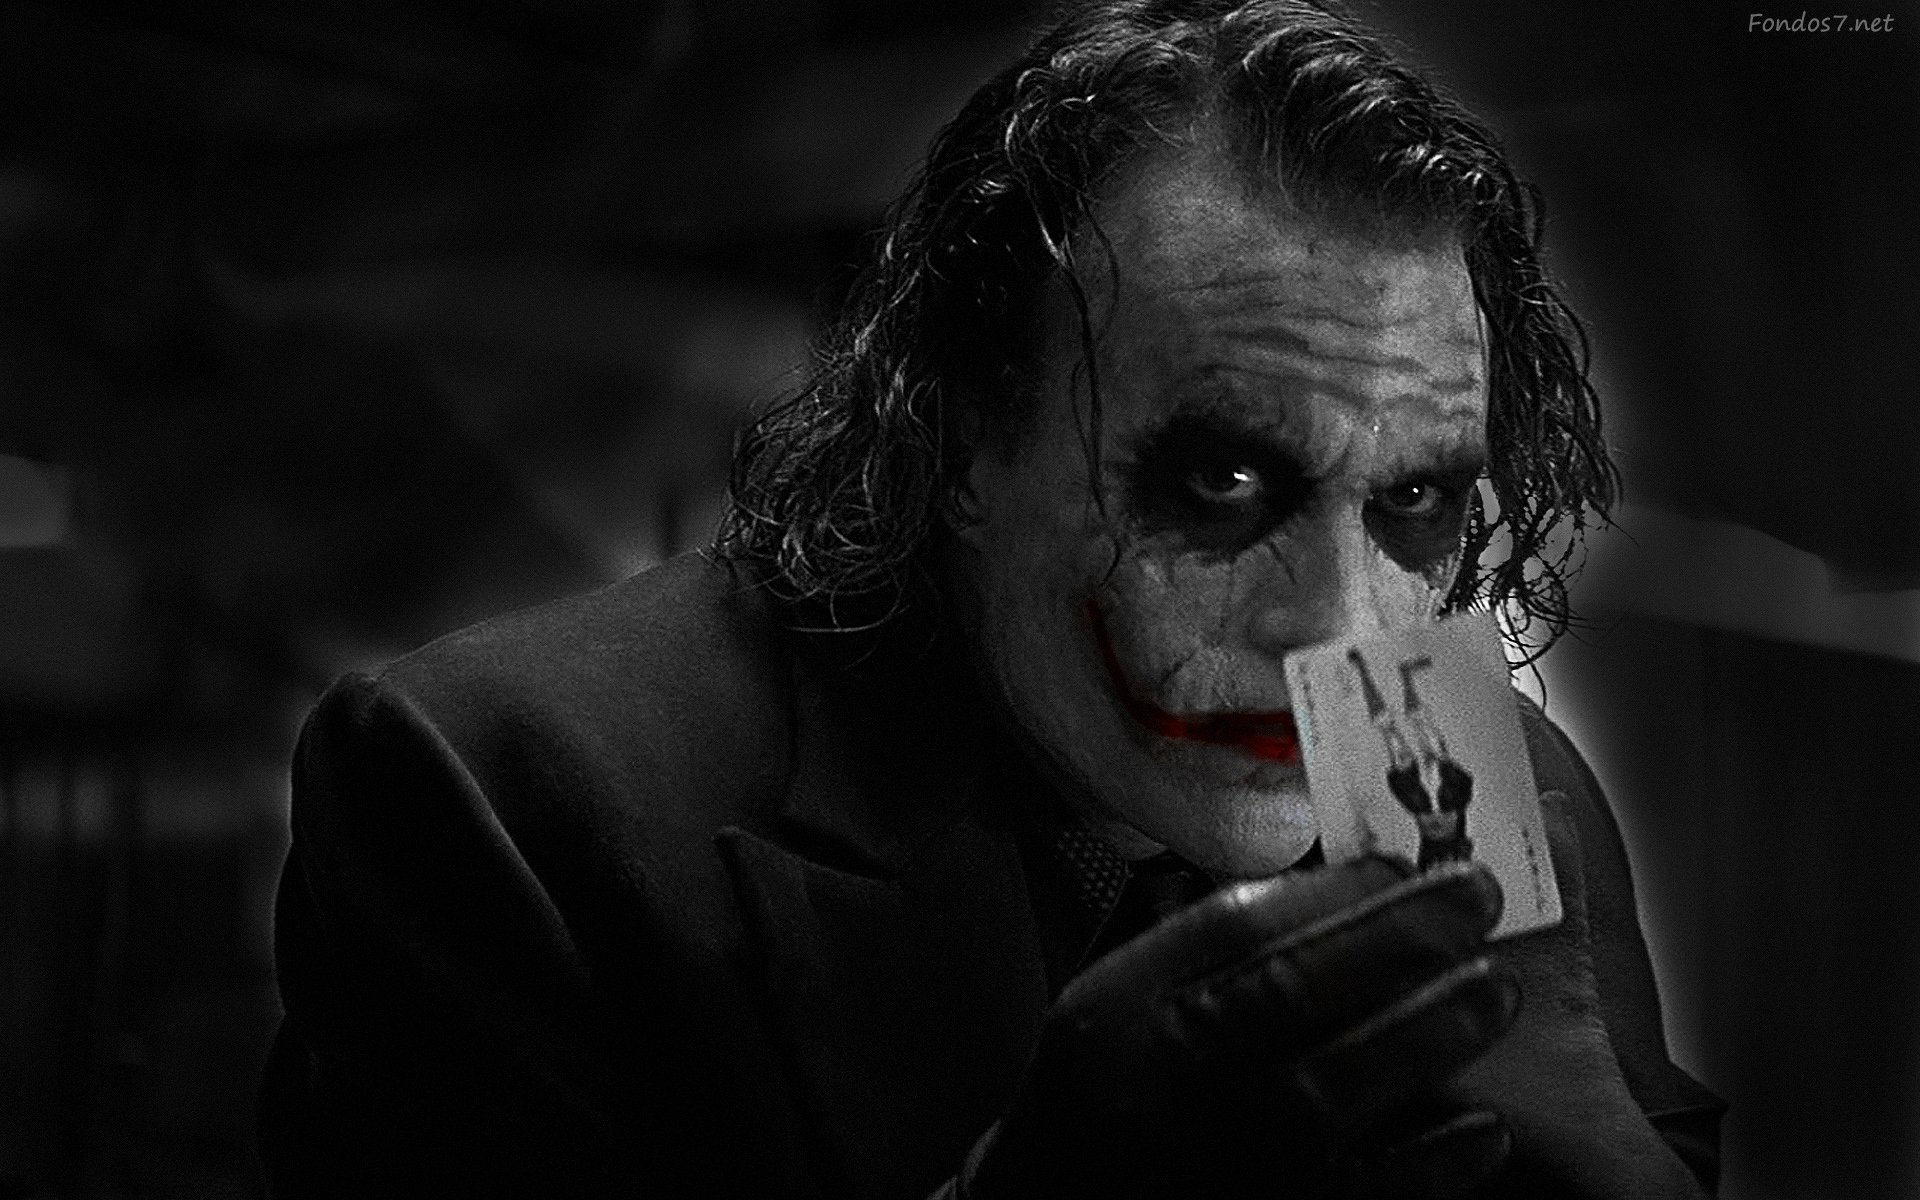 Joker Hd Wallpapers Wallpapersafari